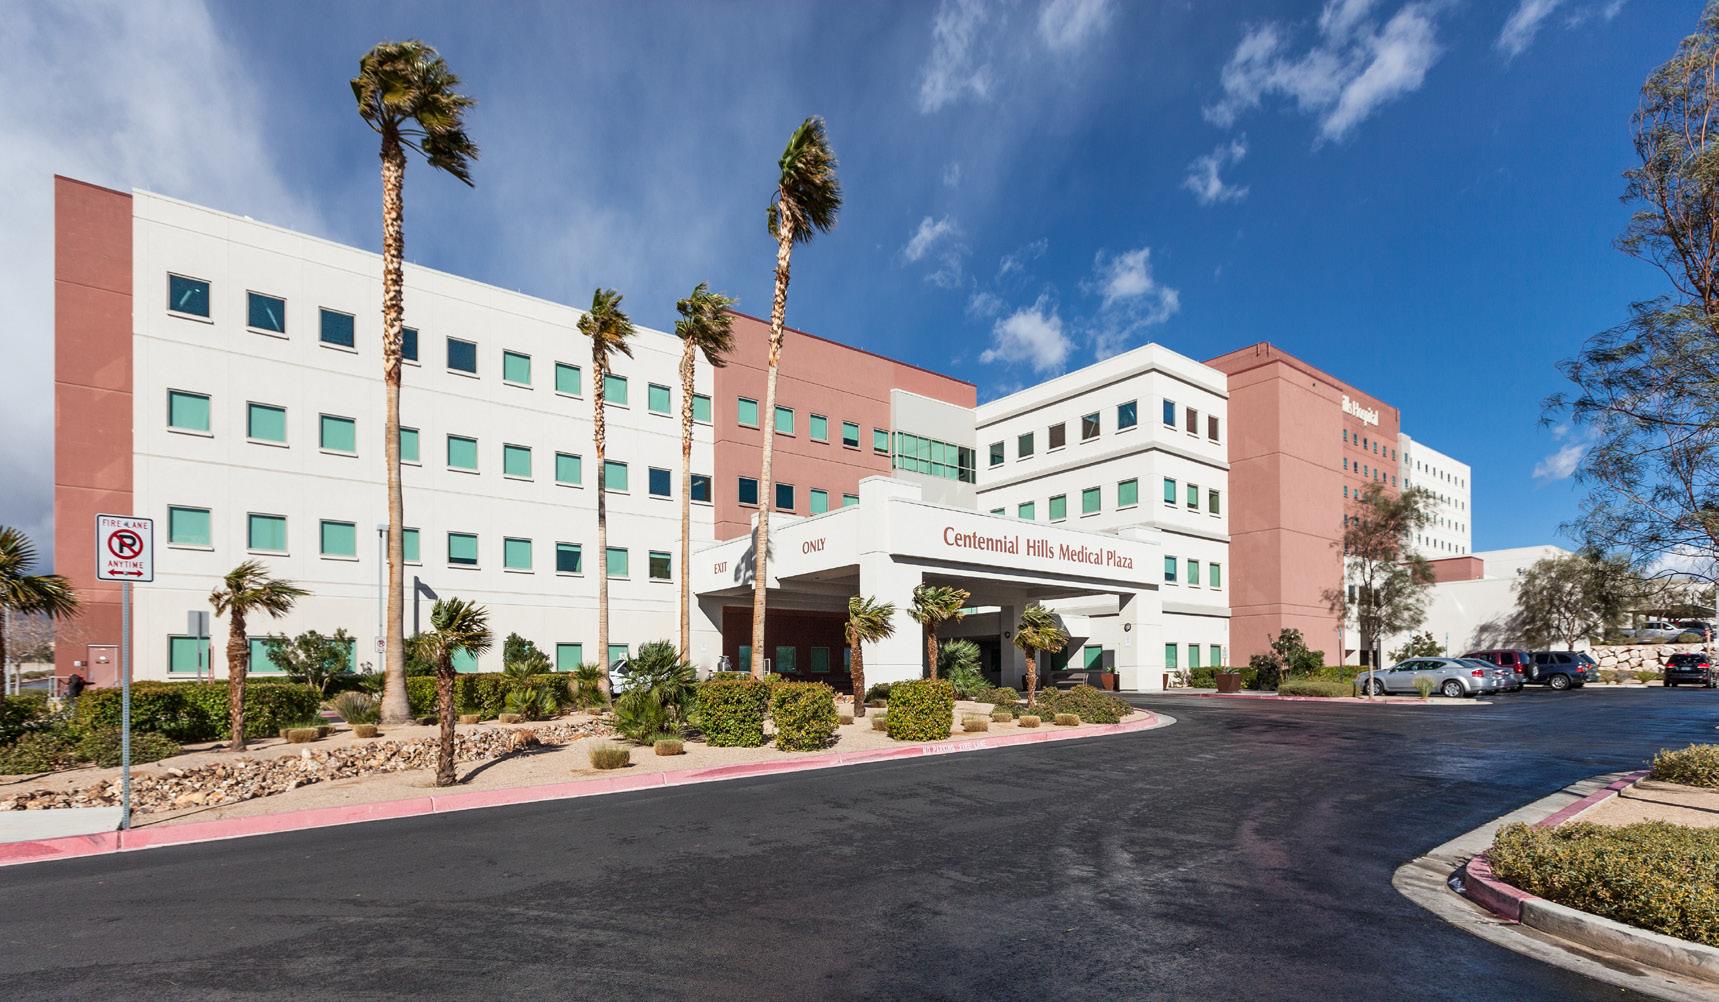 Centennial Hills Medical